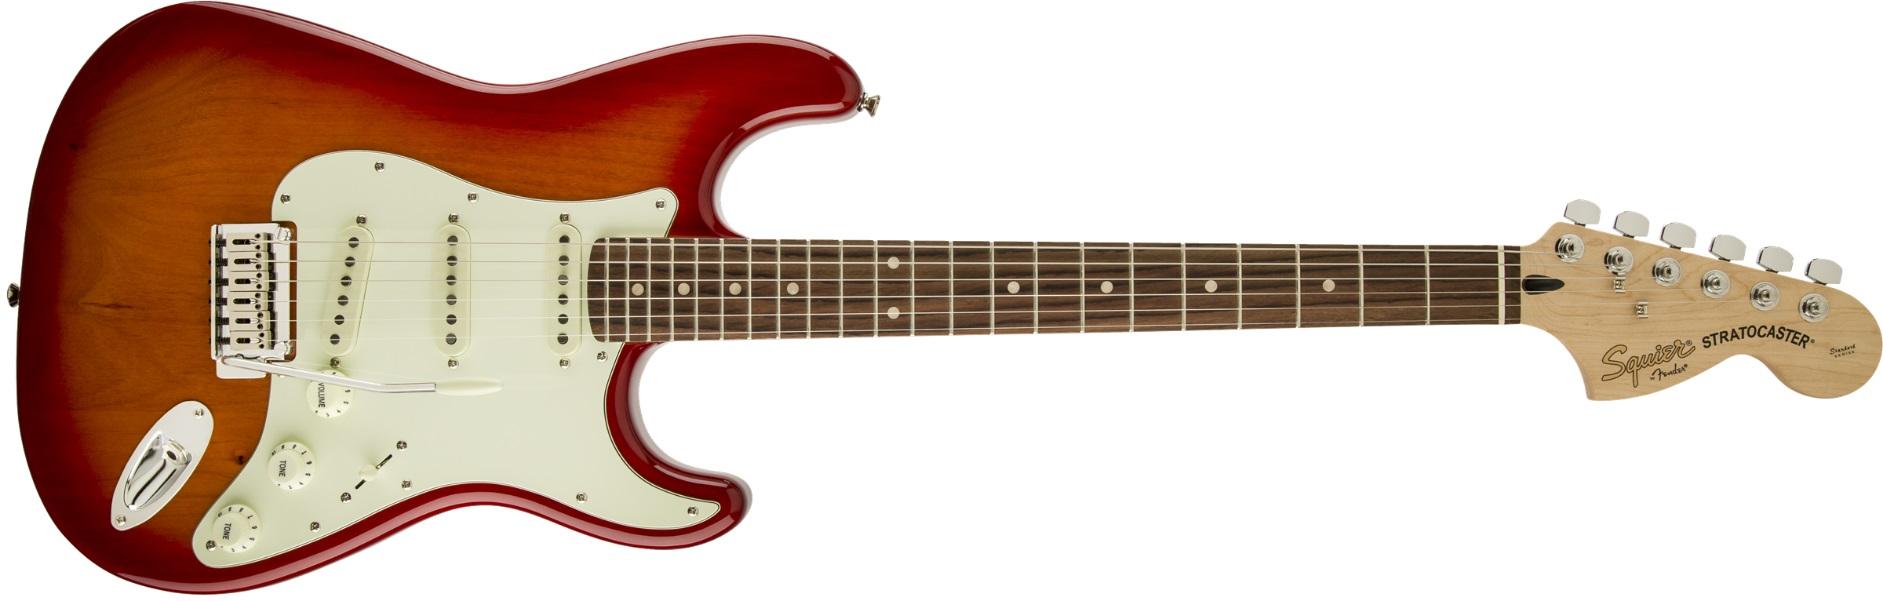 Fender Squier Standard Strat RW CSB